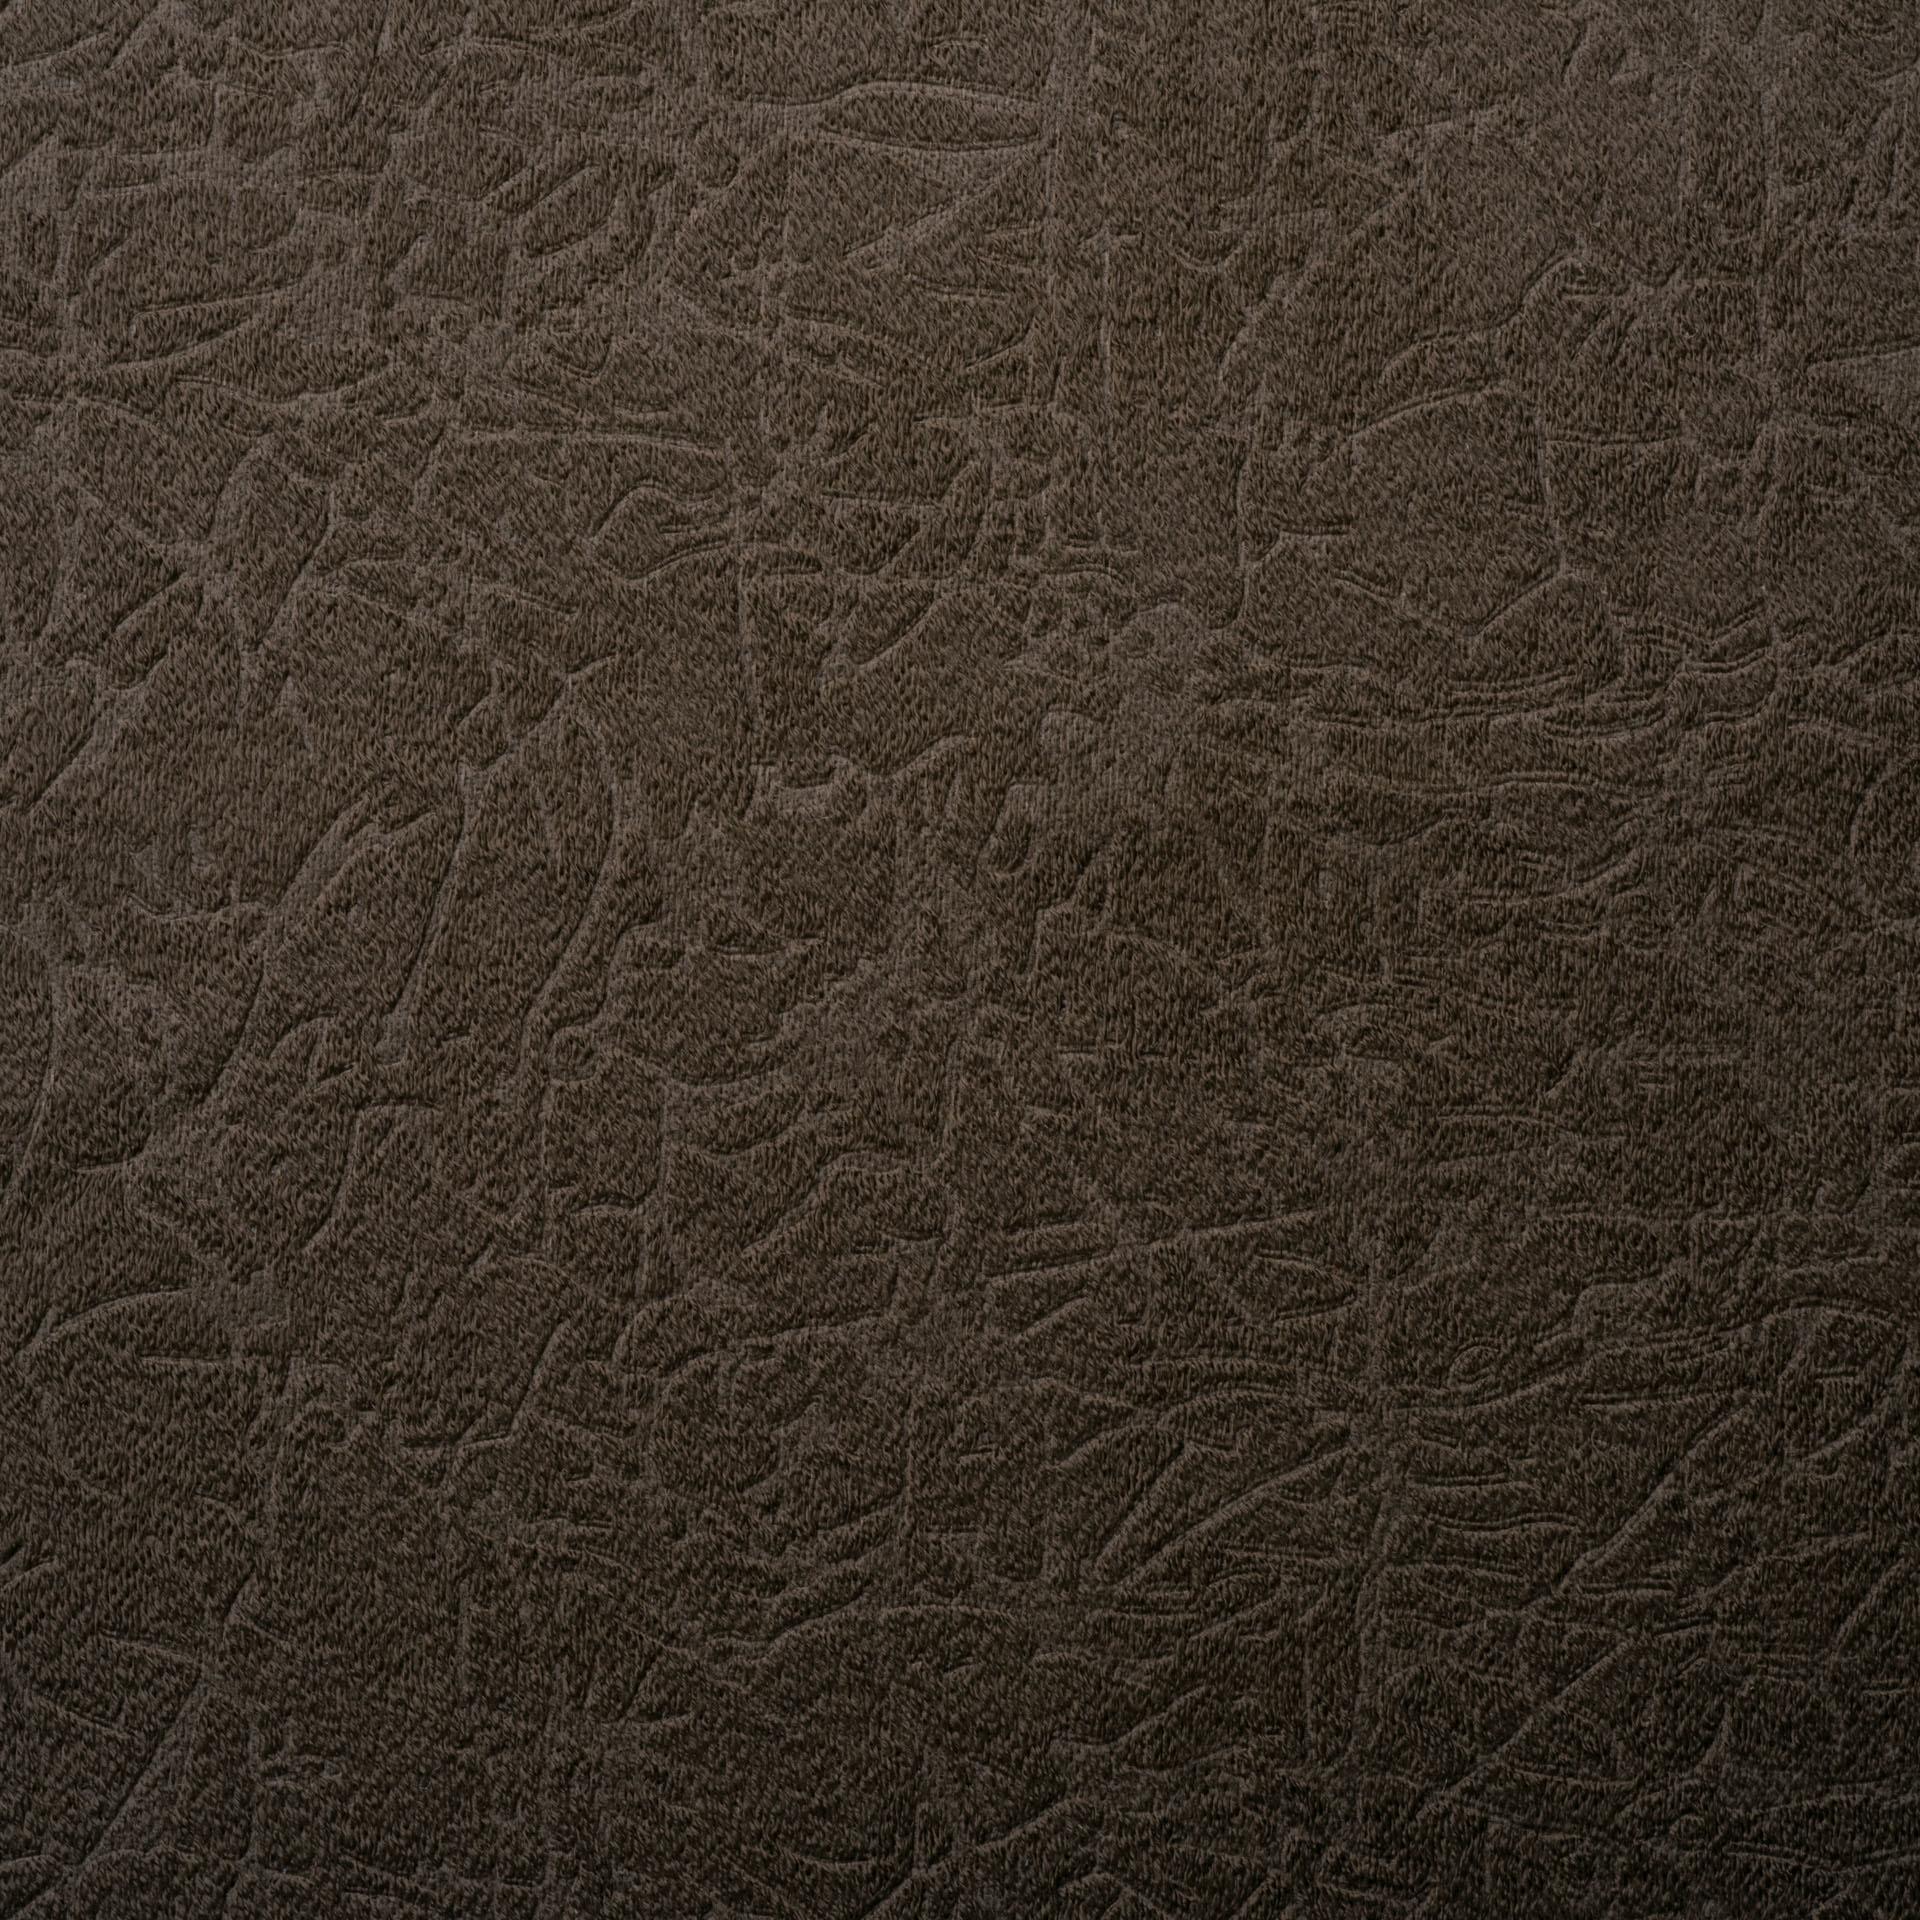 Коллекция ткани Пленет 13 ESPRESSO,  купить ткань Велюр для мебели Украина